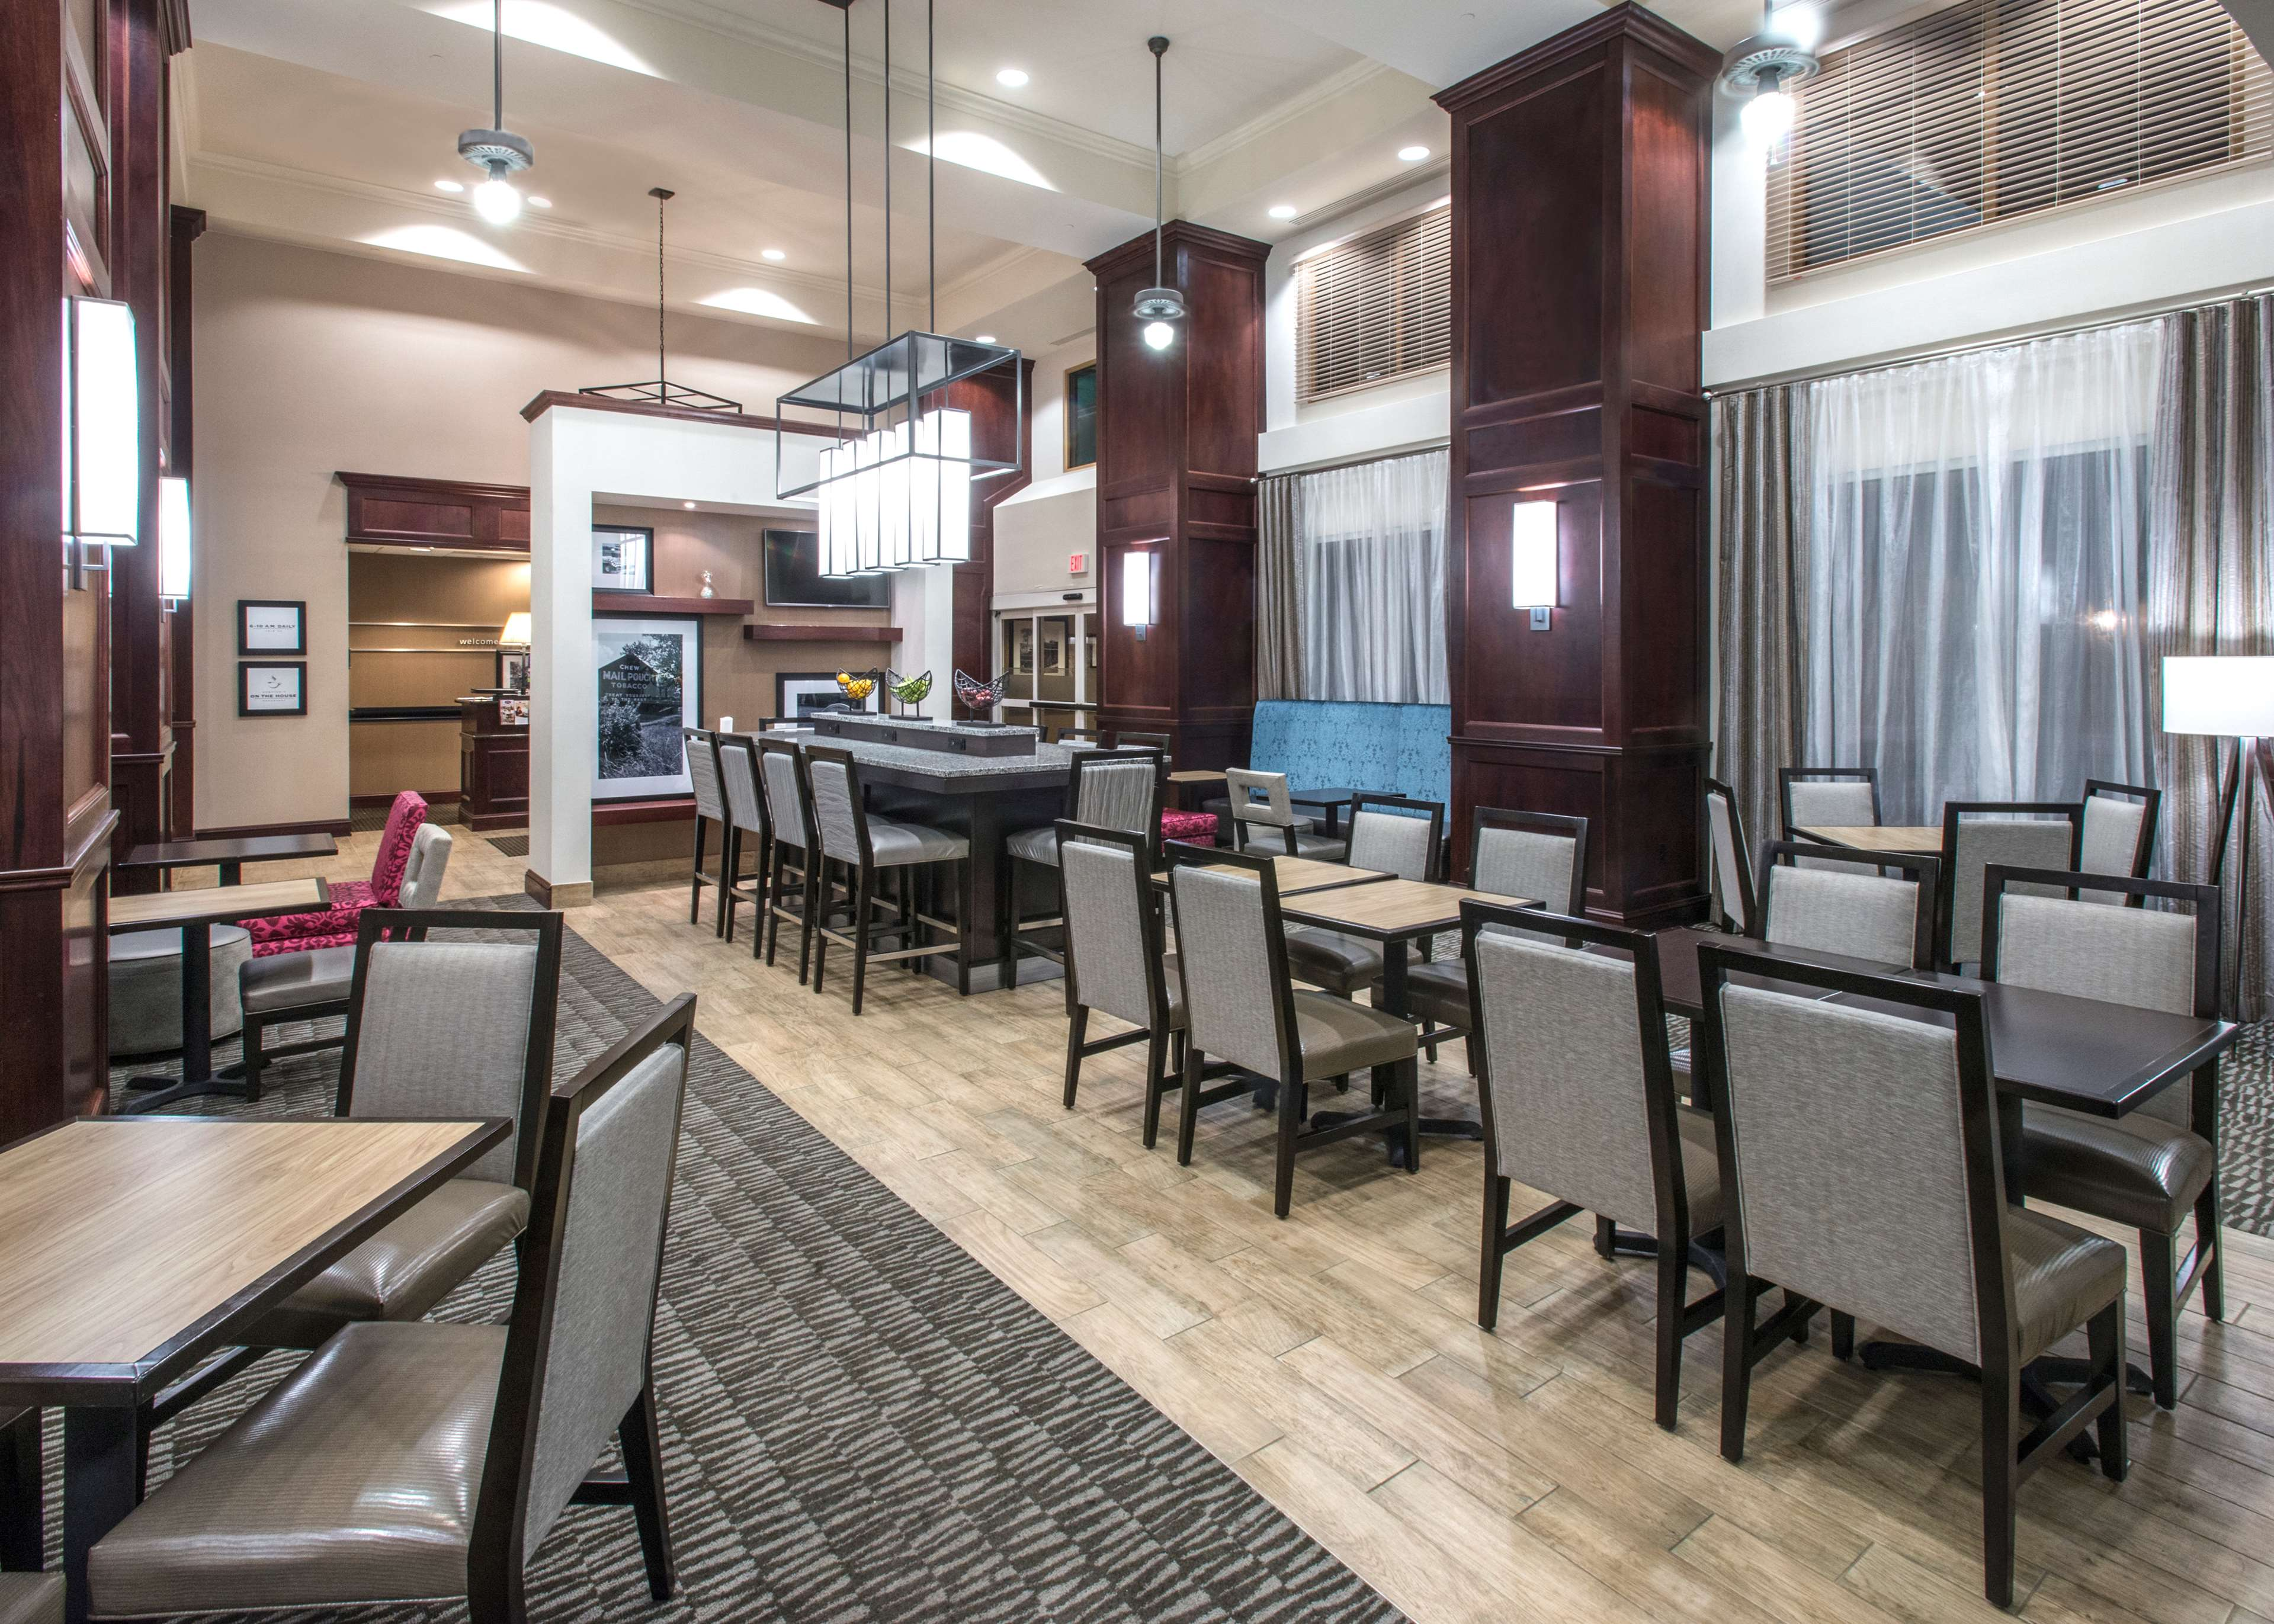 Hampton Inn & Suites Jackson image 7